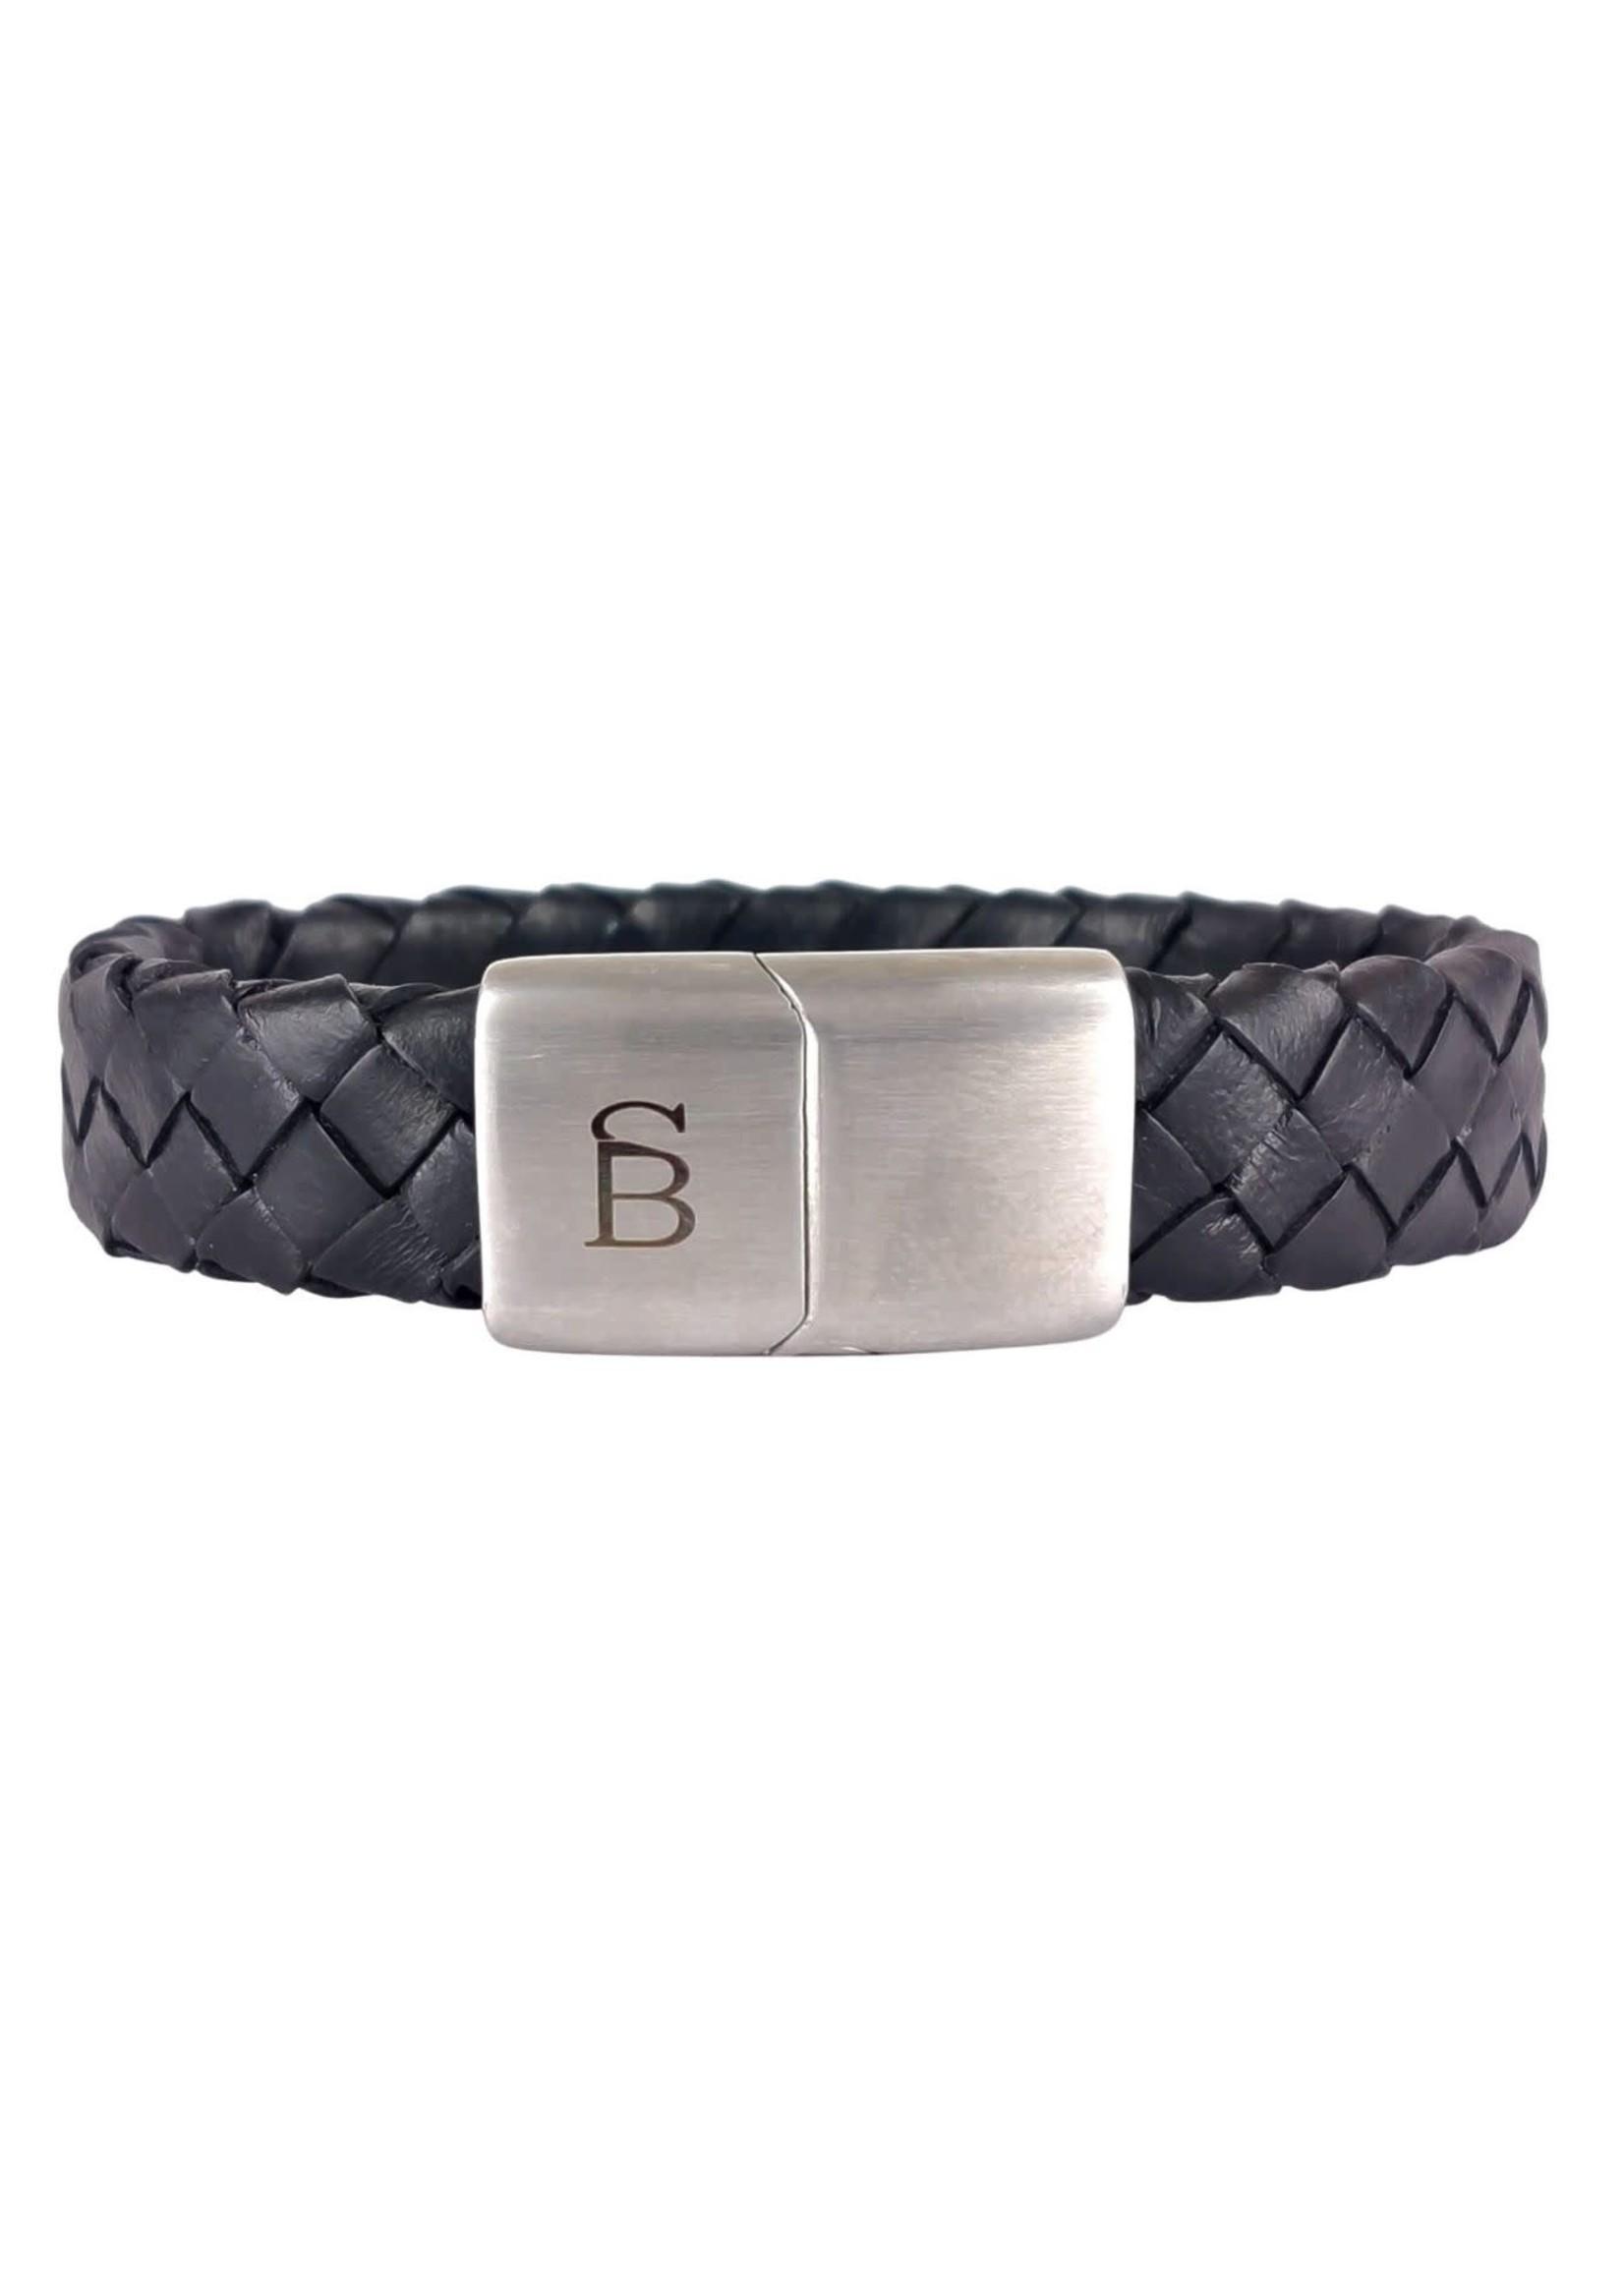 Steel & Barnett Leather Bracelet Preston   Matt Black   Steel&Barnett